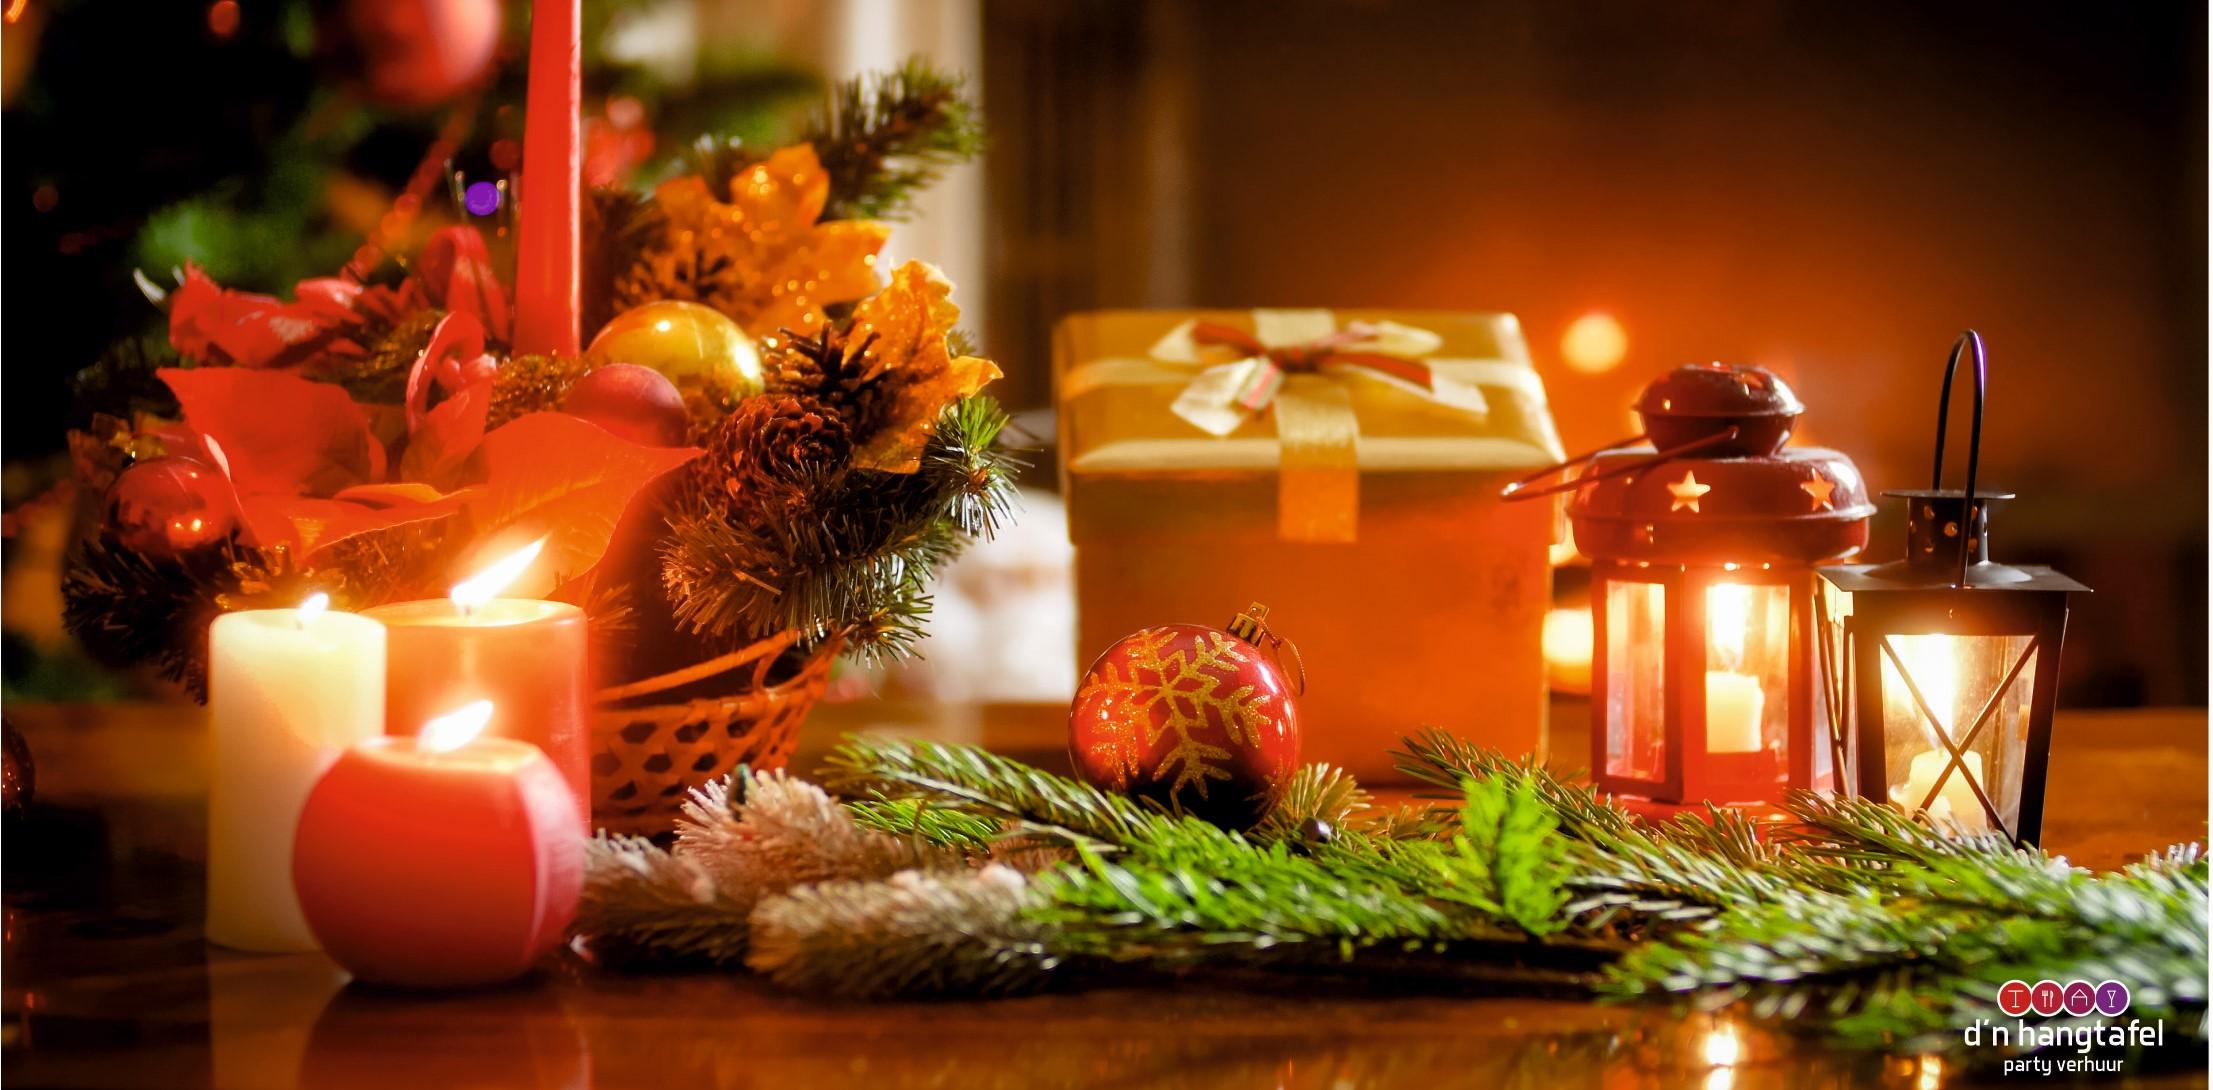 Bouwhek met kerst thema doek (kaarsjes met cadeau)